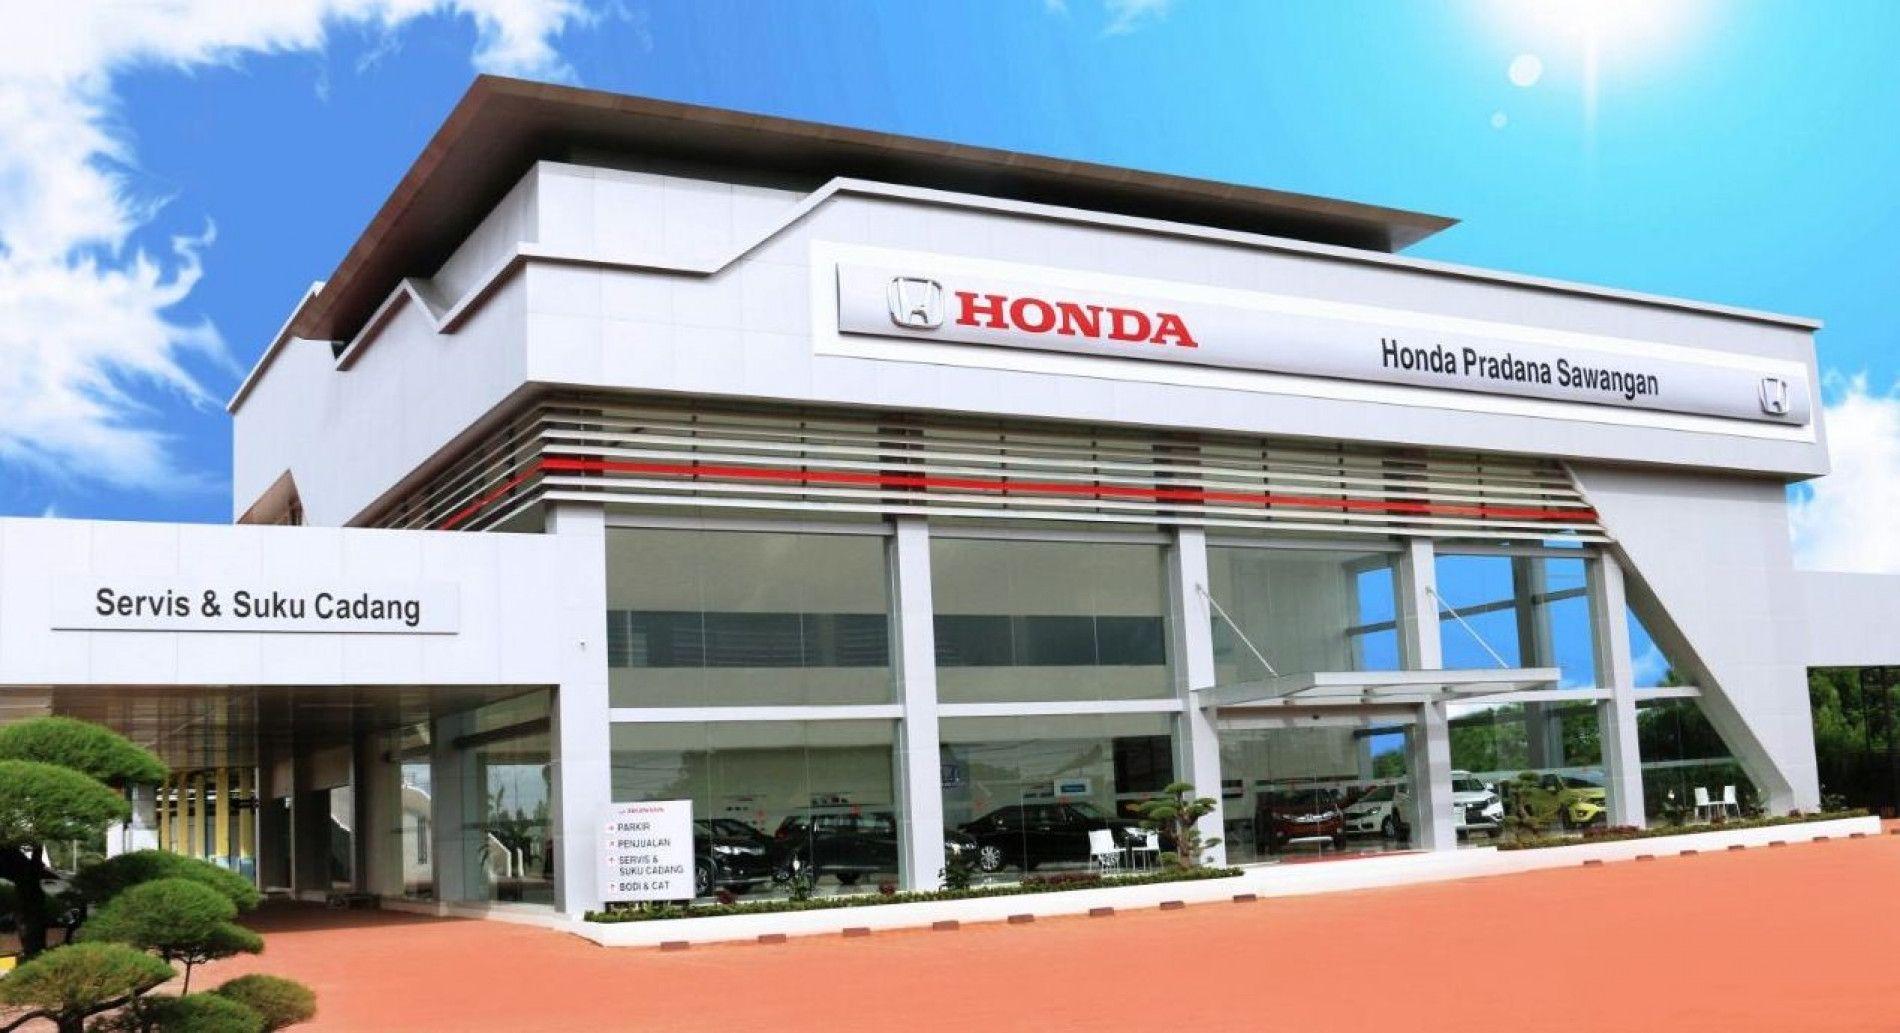 Honda Pradana Sawangan (PT. Ambara Karya Pradana)